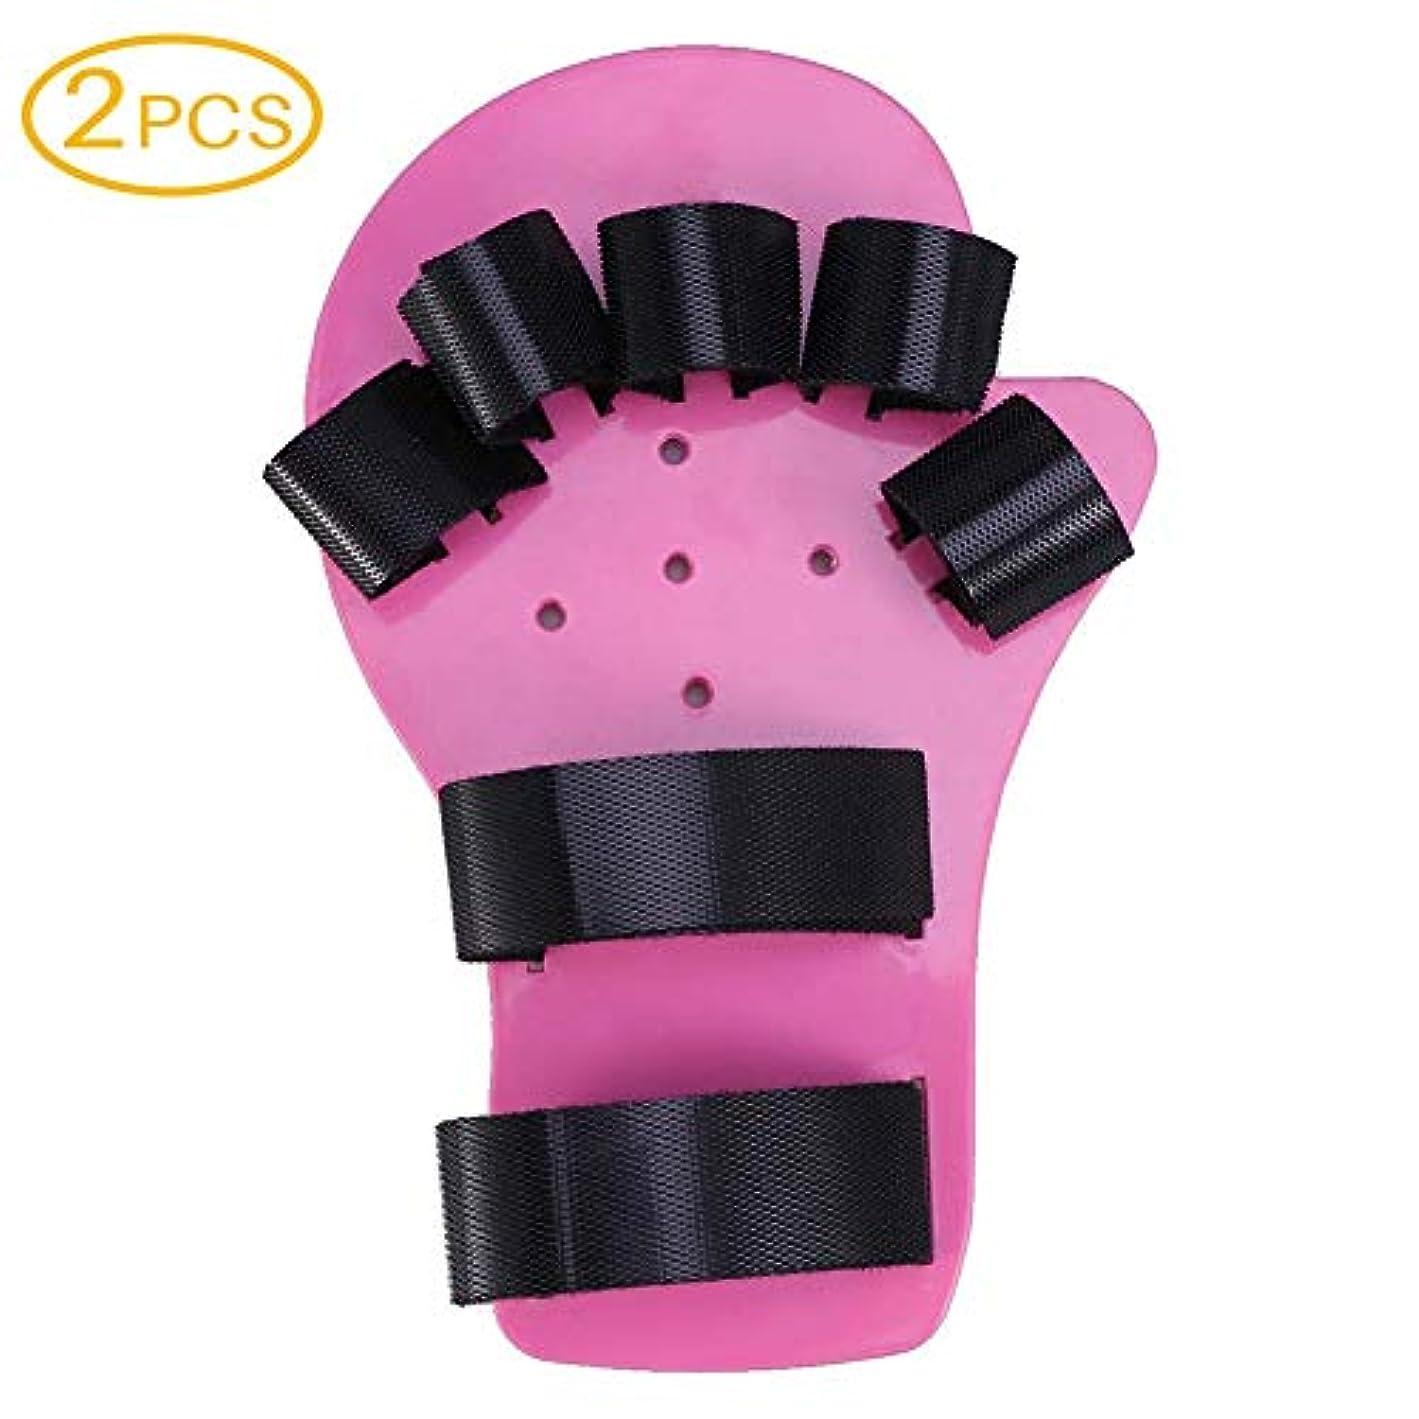 宿サイドボード取るに足らない2PCS指スプリント指指セパレーター、指スタビライザー、手の手首の装具は別のデバイス患者関節炎リハビリテーション支援ブレース1-5歳(ピンク)